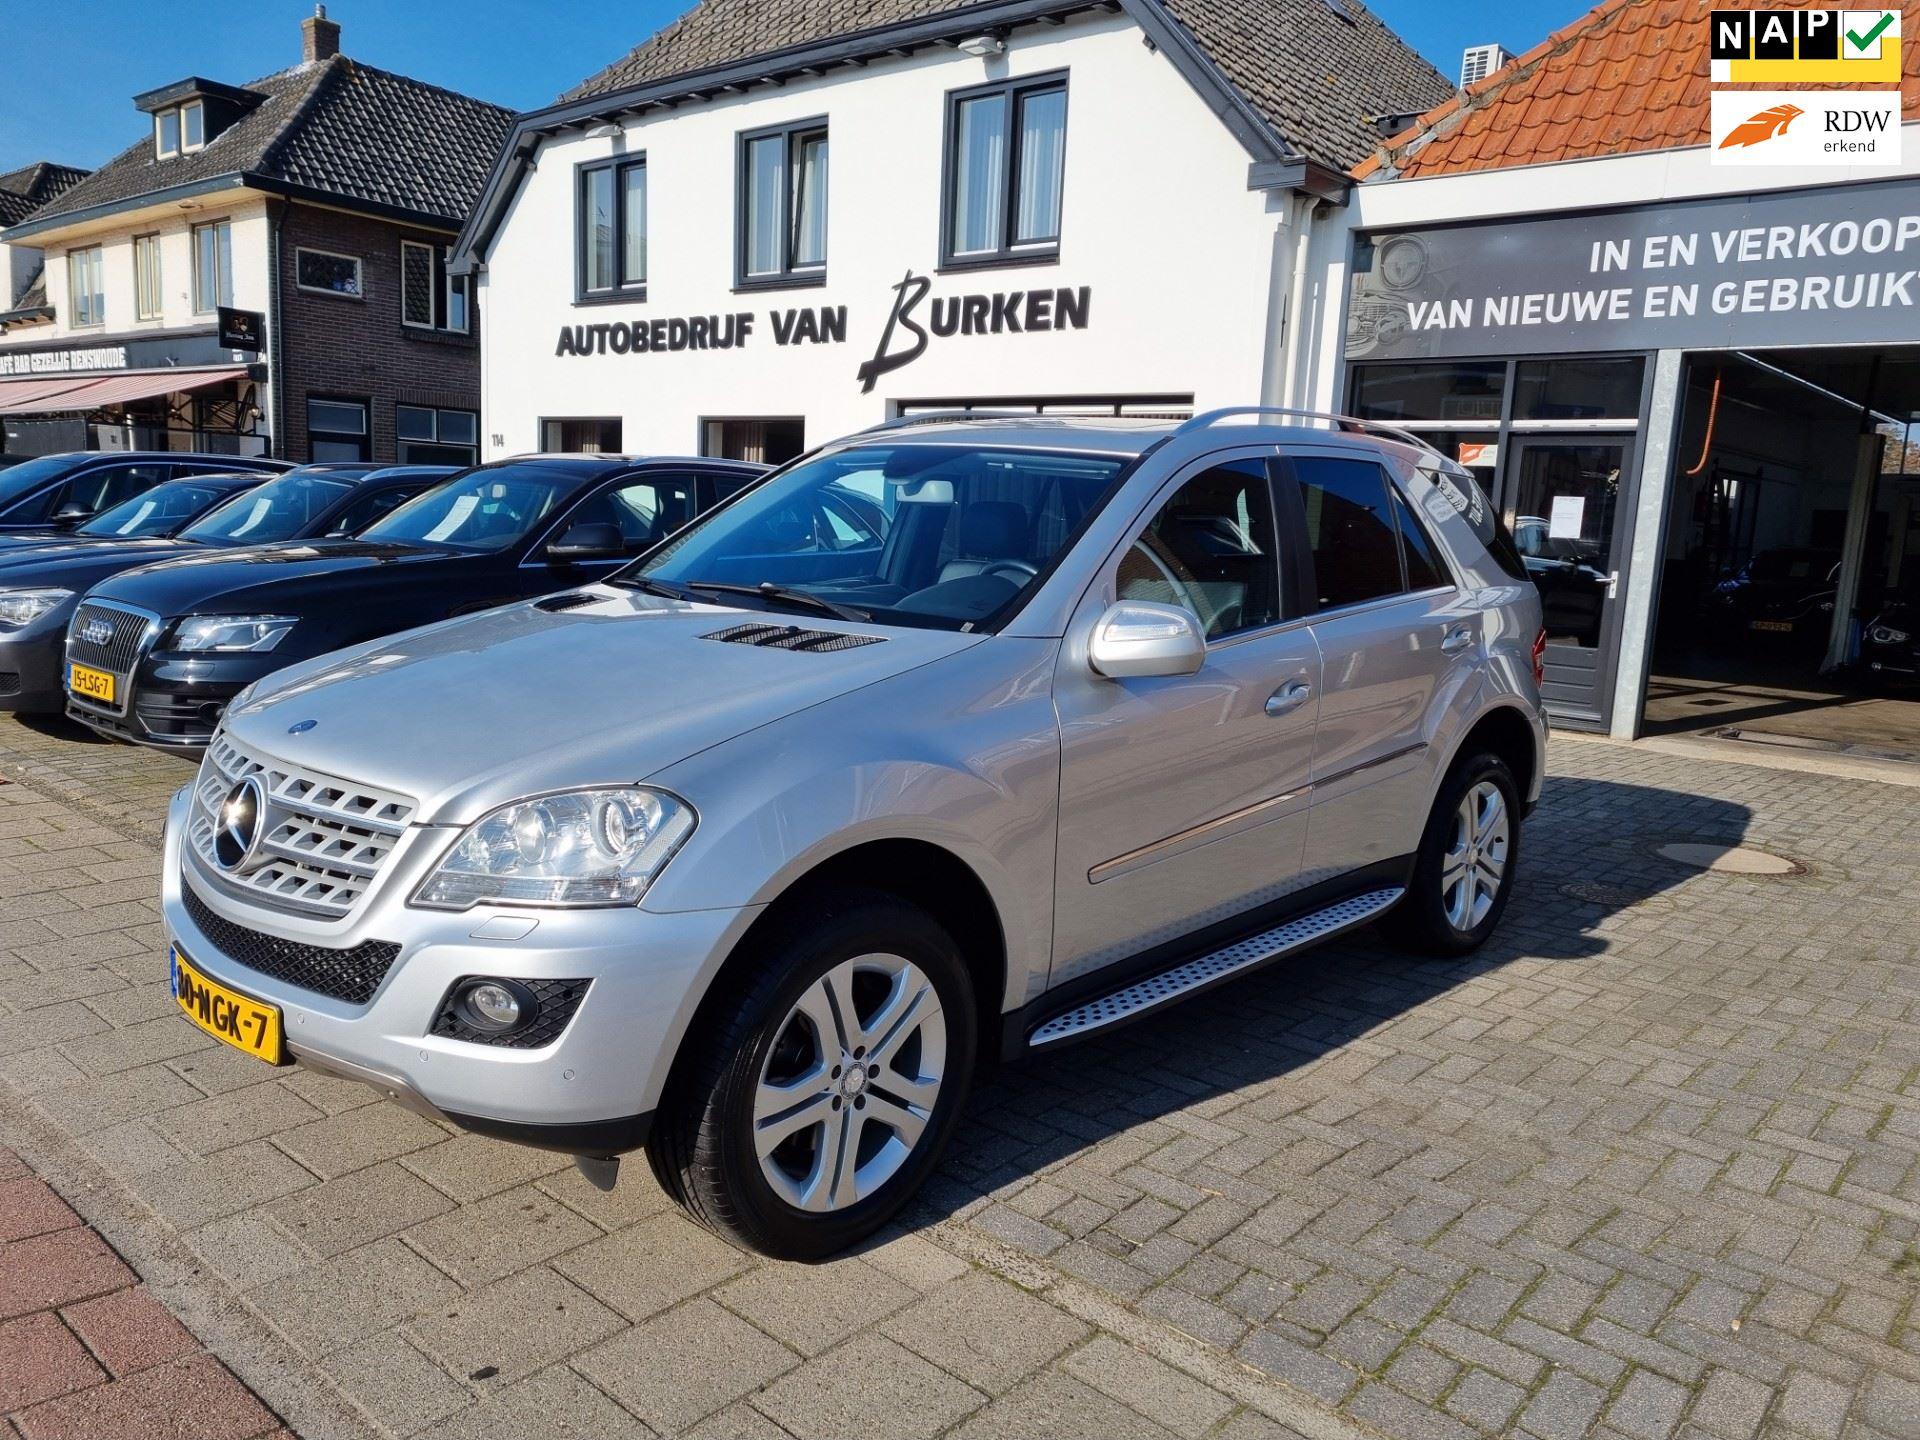 Mercedes-Benz M-klasse occasion - Autobedrijf van Burken